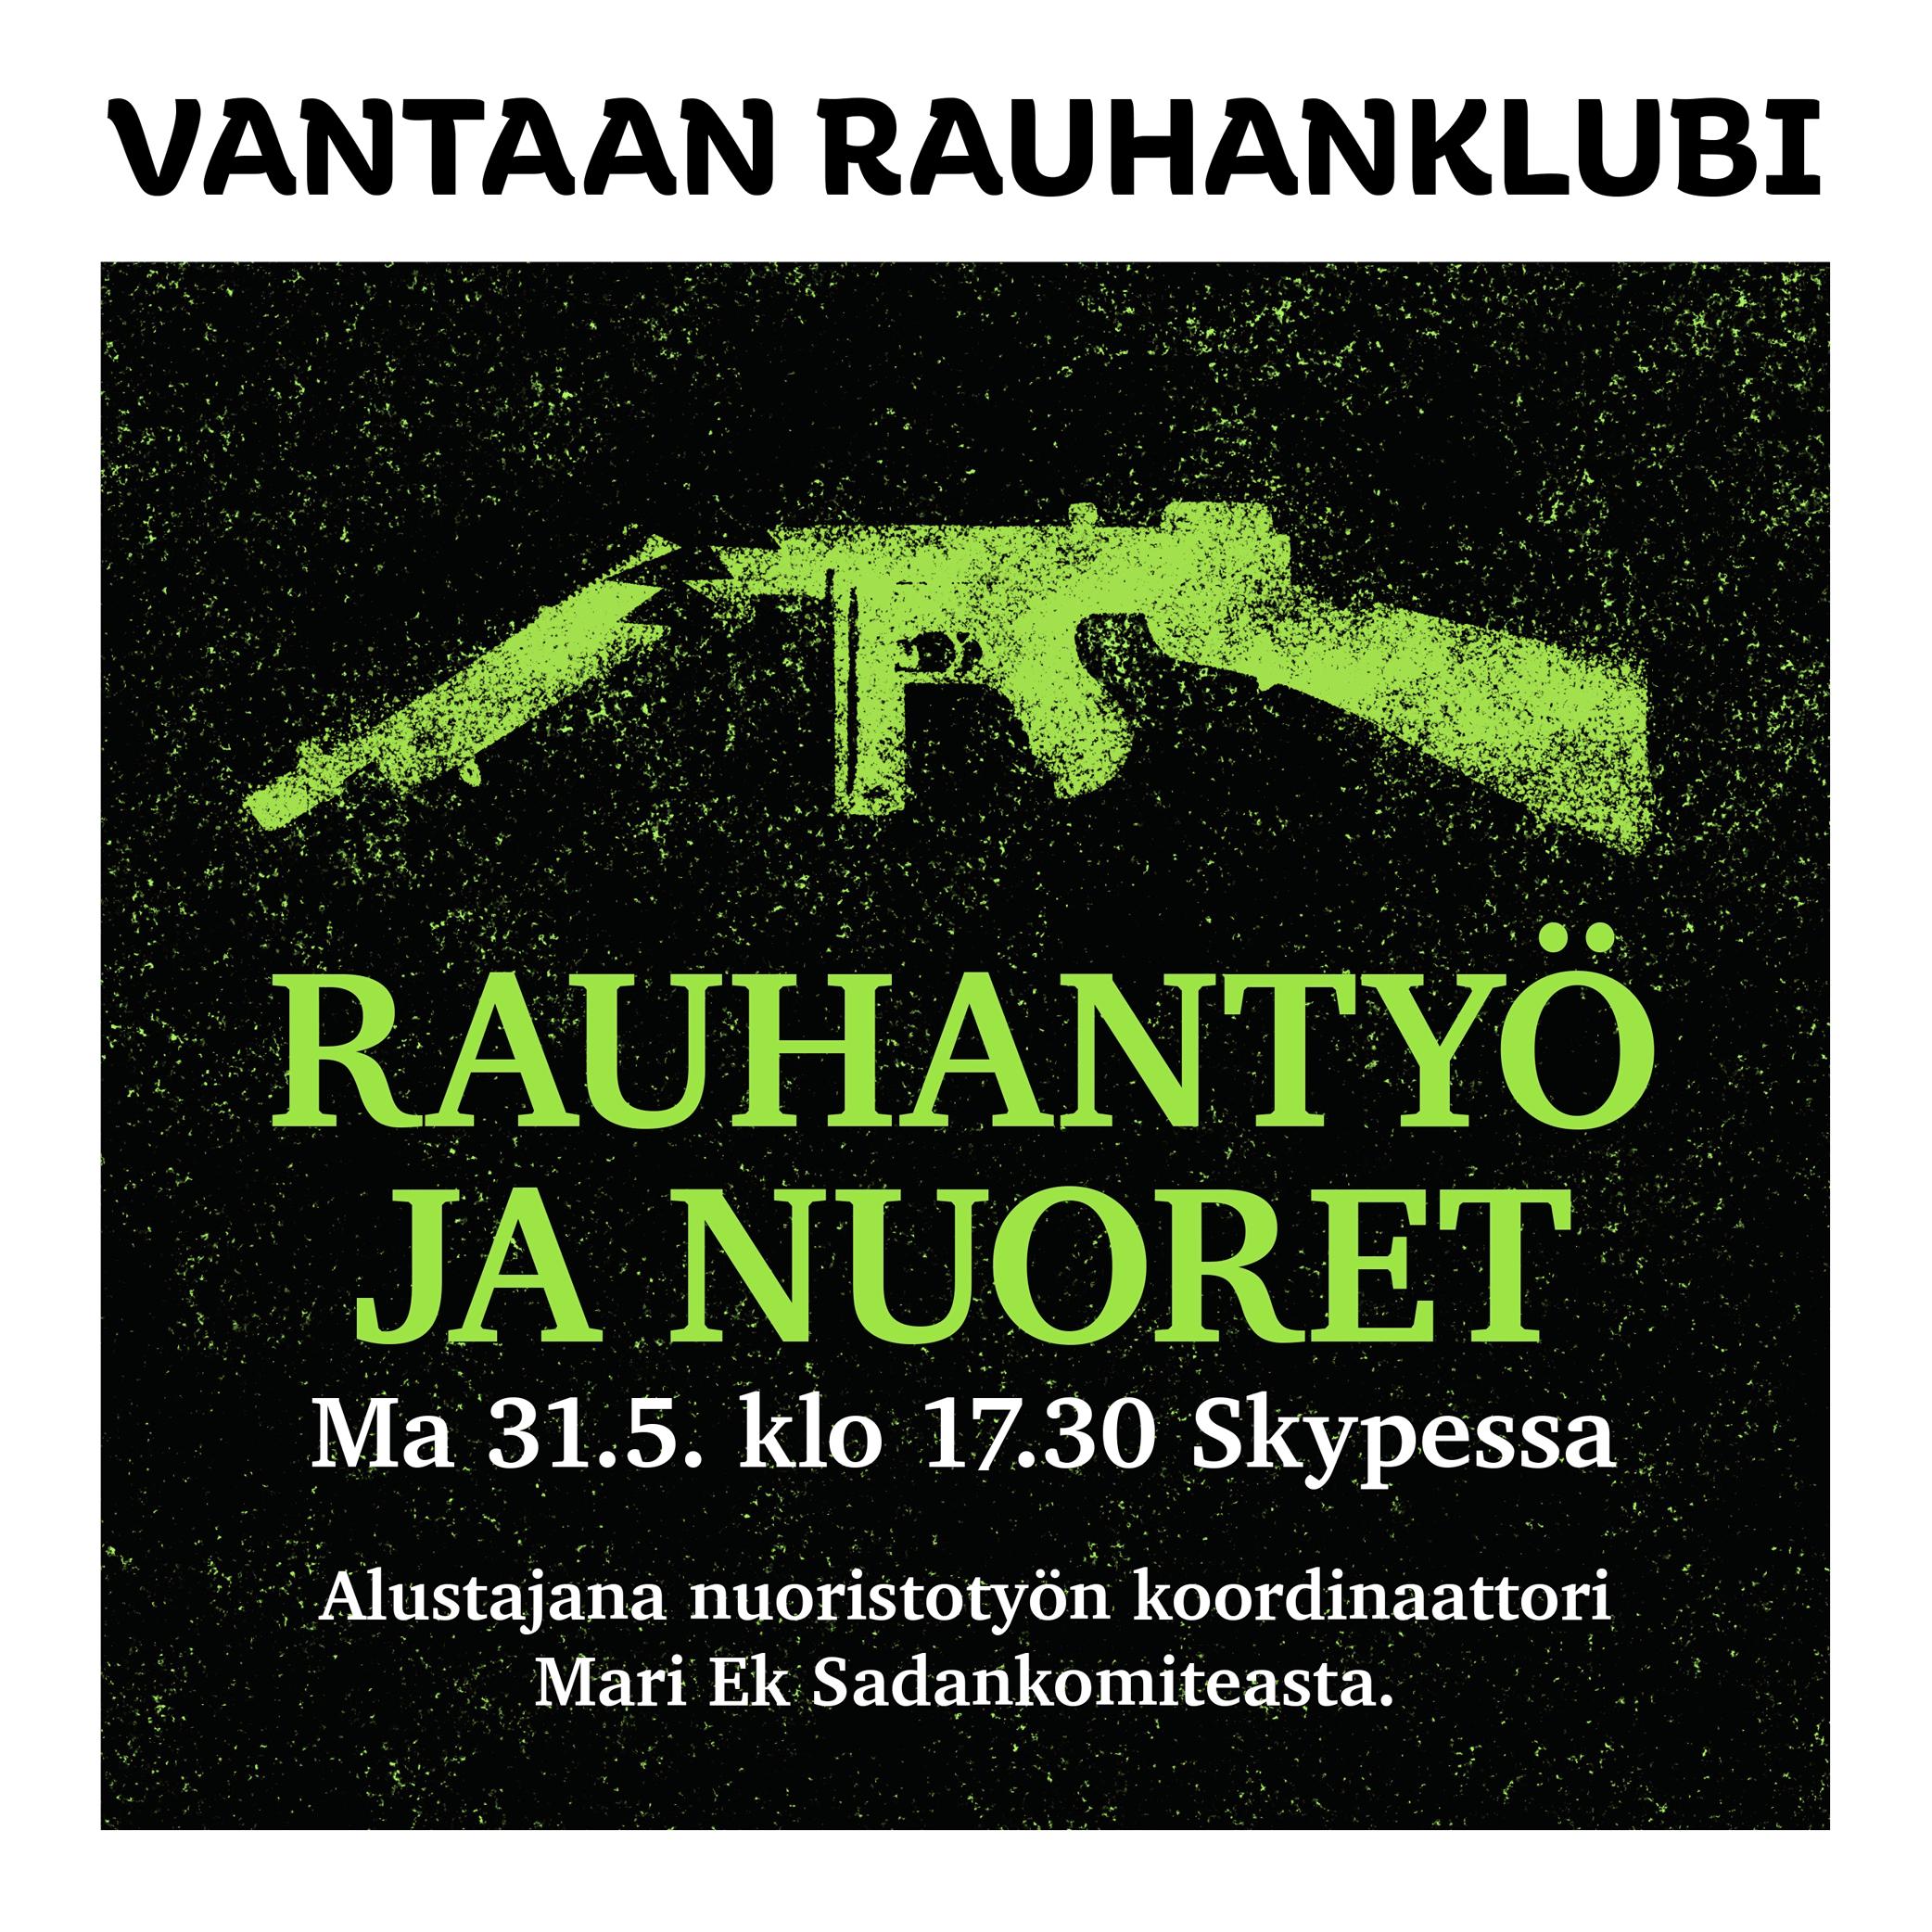 Vantaan rauhanklubi: Rauhantyö ja nuoret